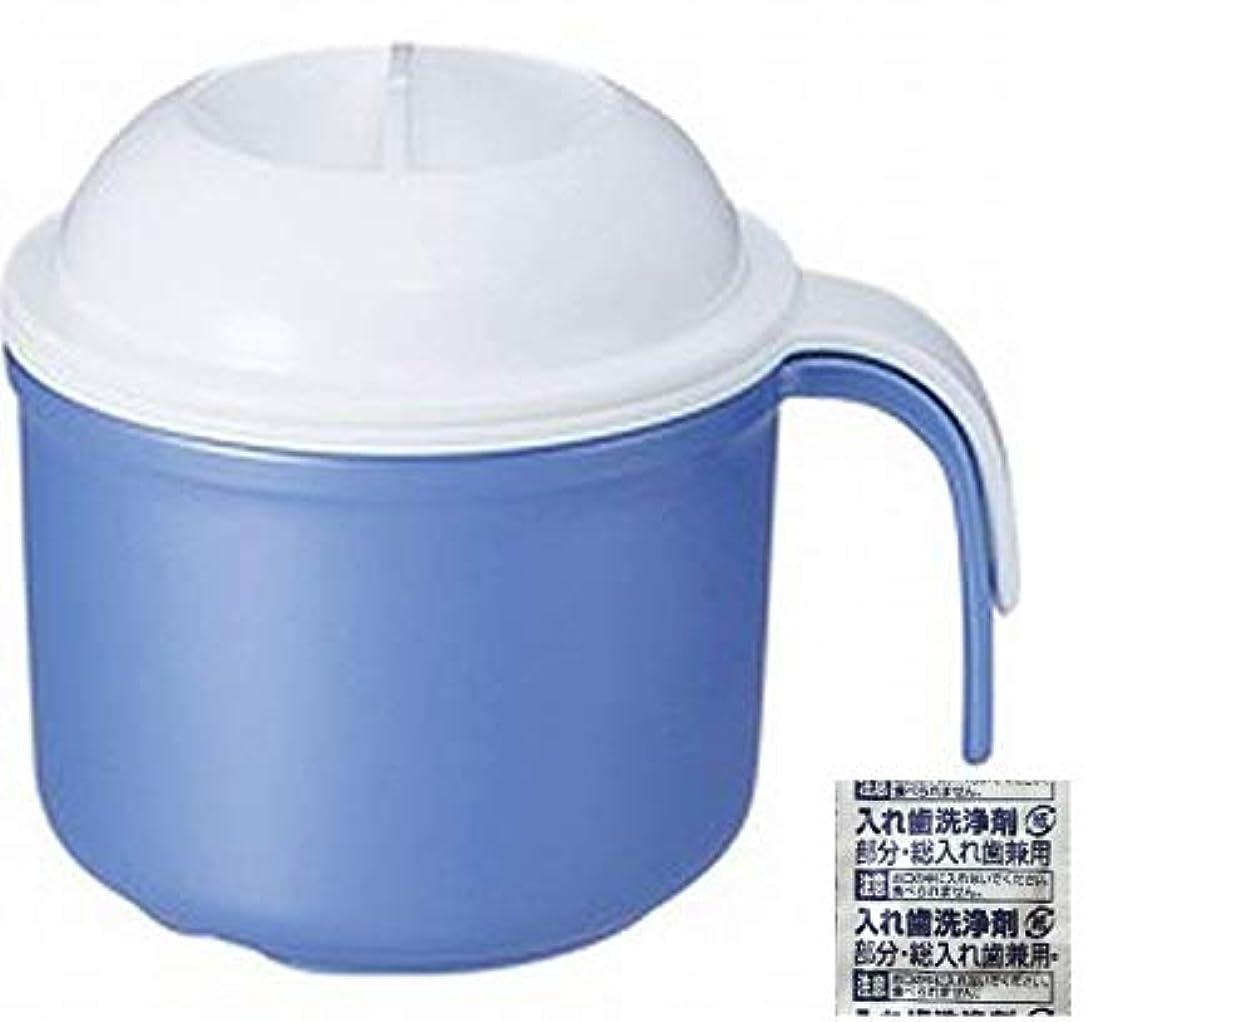 箱見て汗日本製 入れ歯ケース 煮沸消毒可能 耐熱100度 J-9608